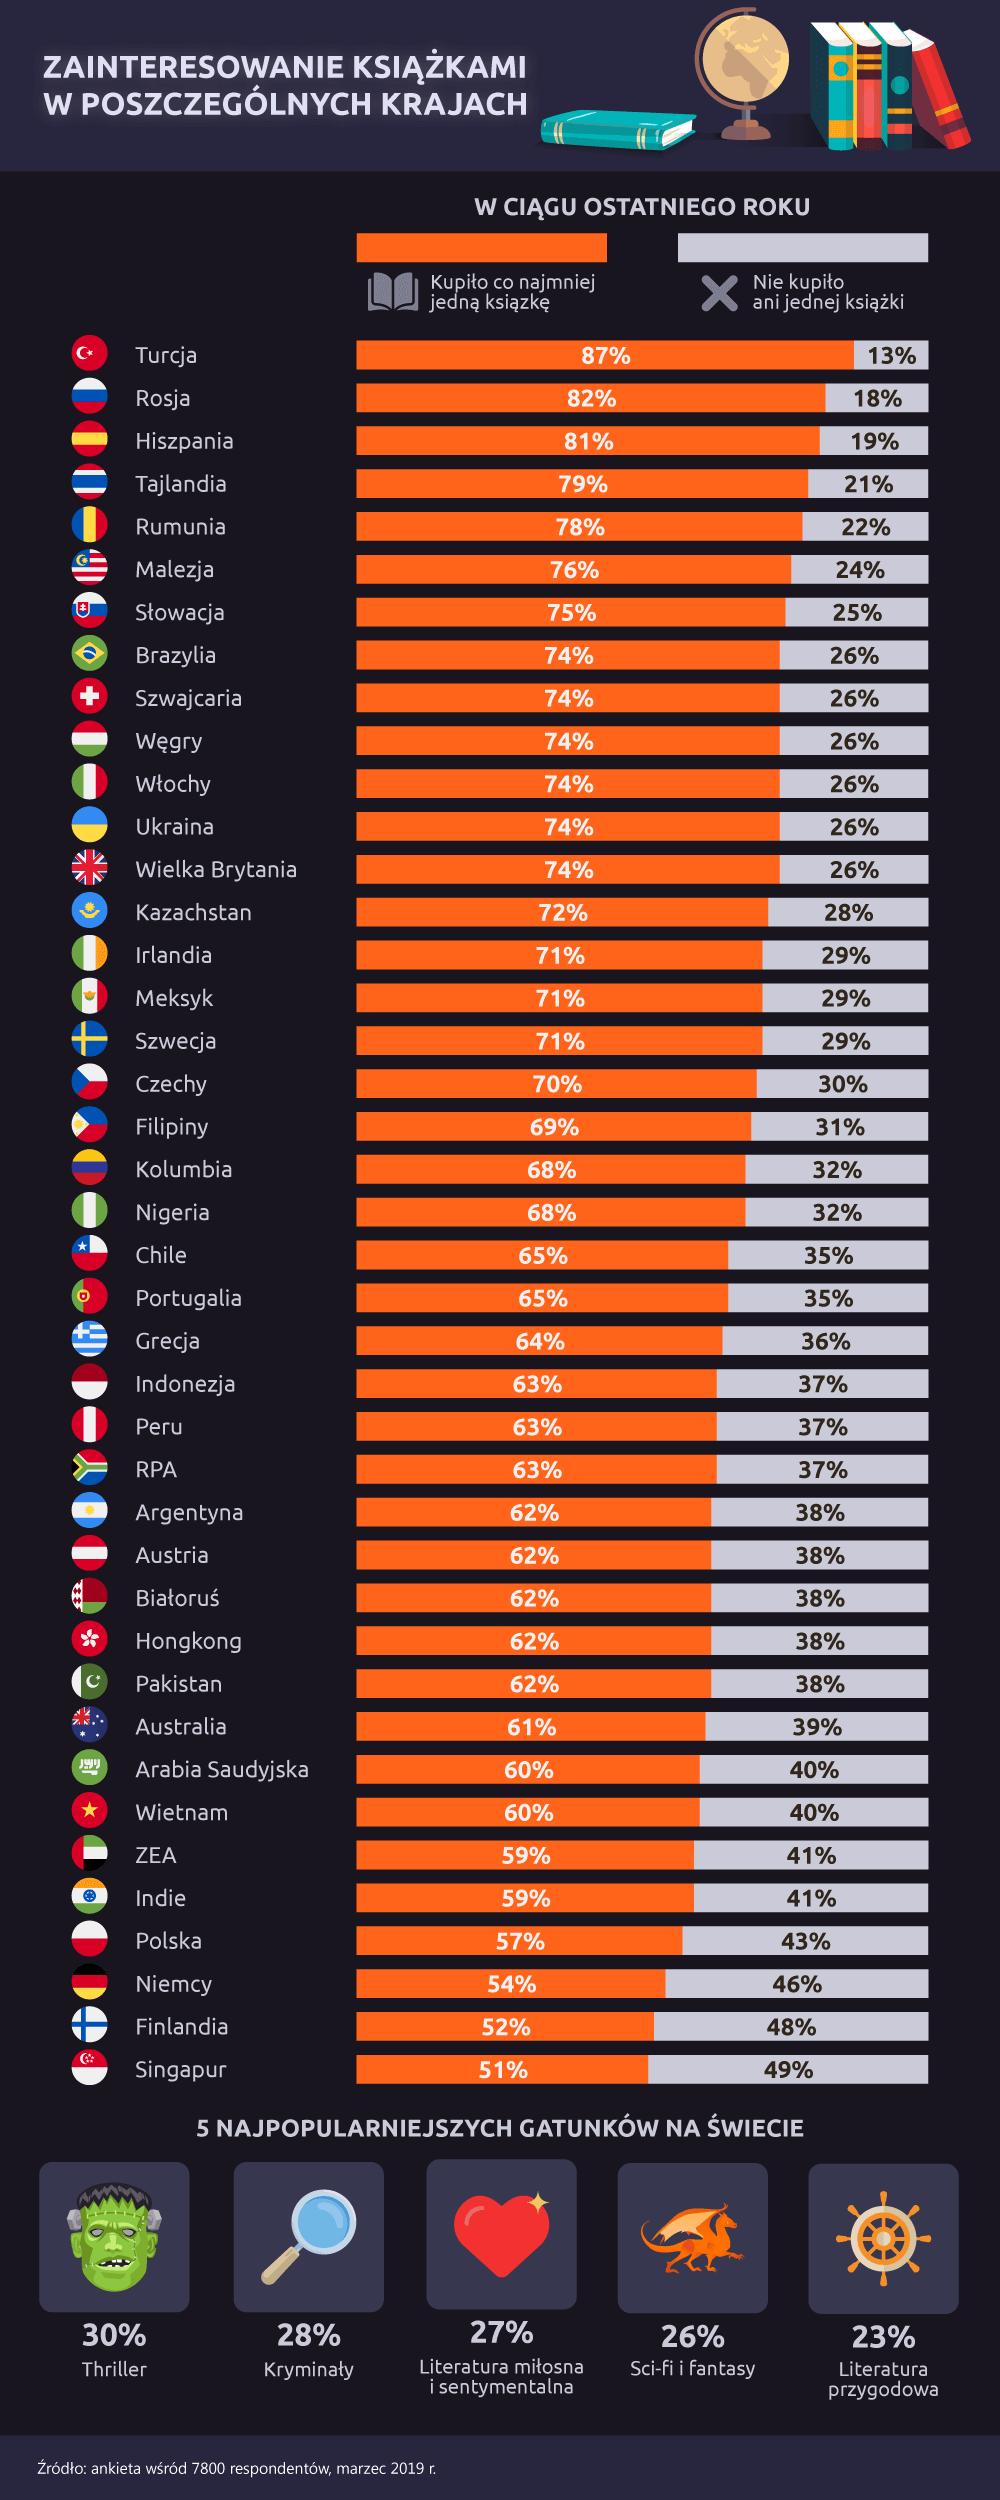 Czytelnictwo na świecie – ranking krajów gdzie się najwięcej kupuje książek